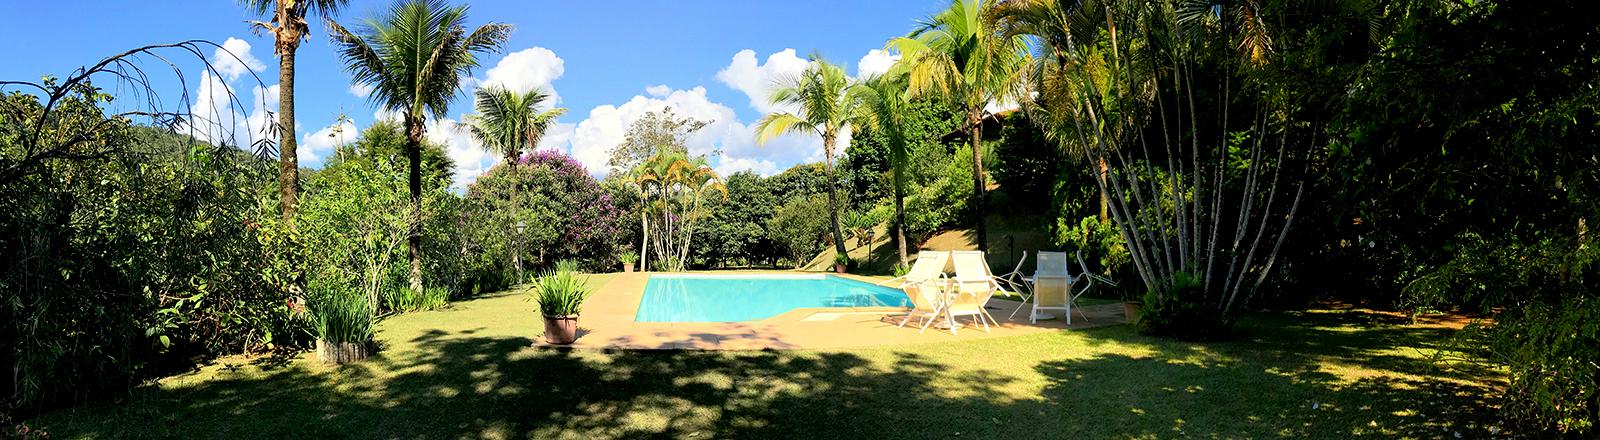 Excelente propriedade em área nobre de Itaipava.